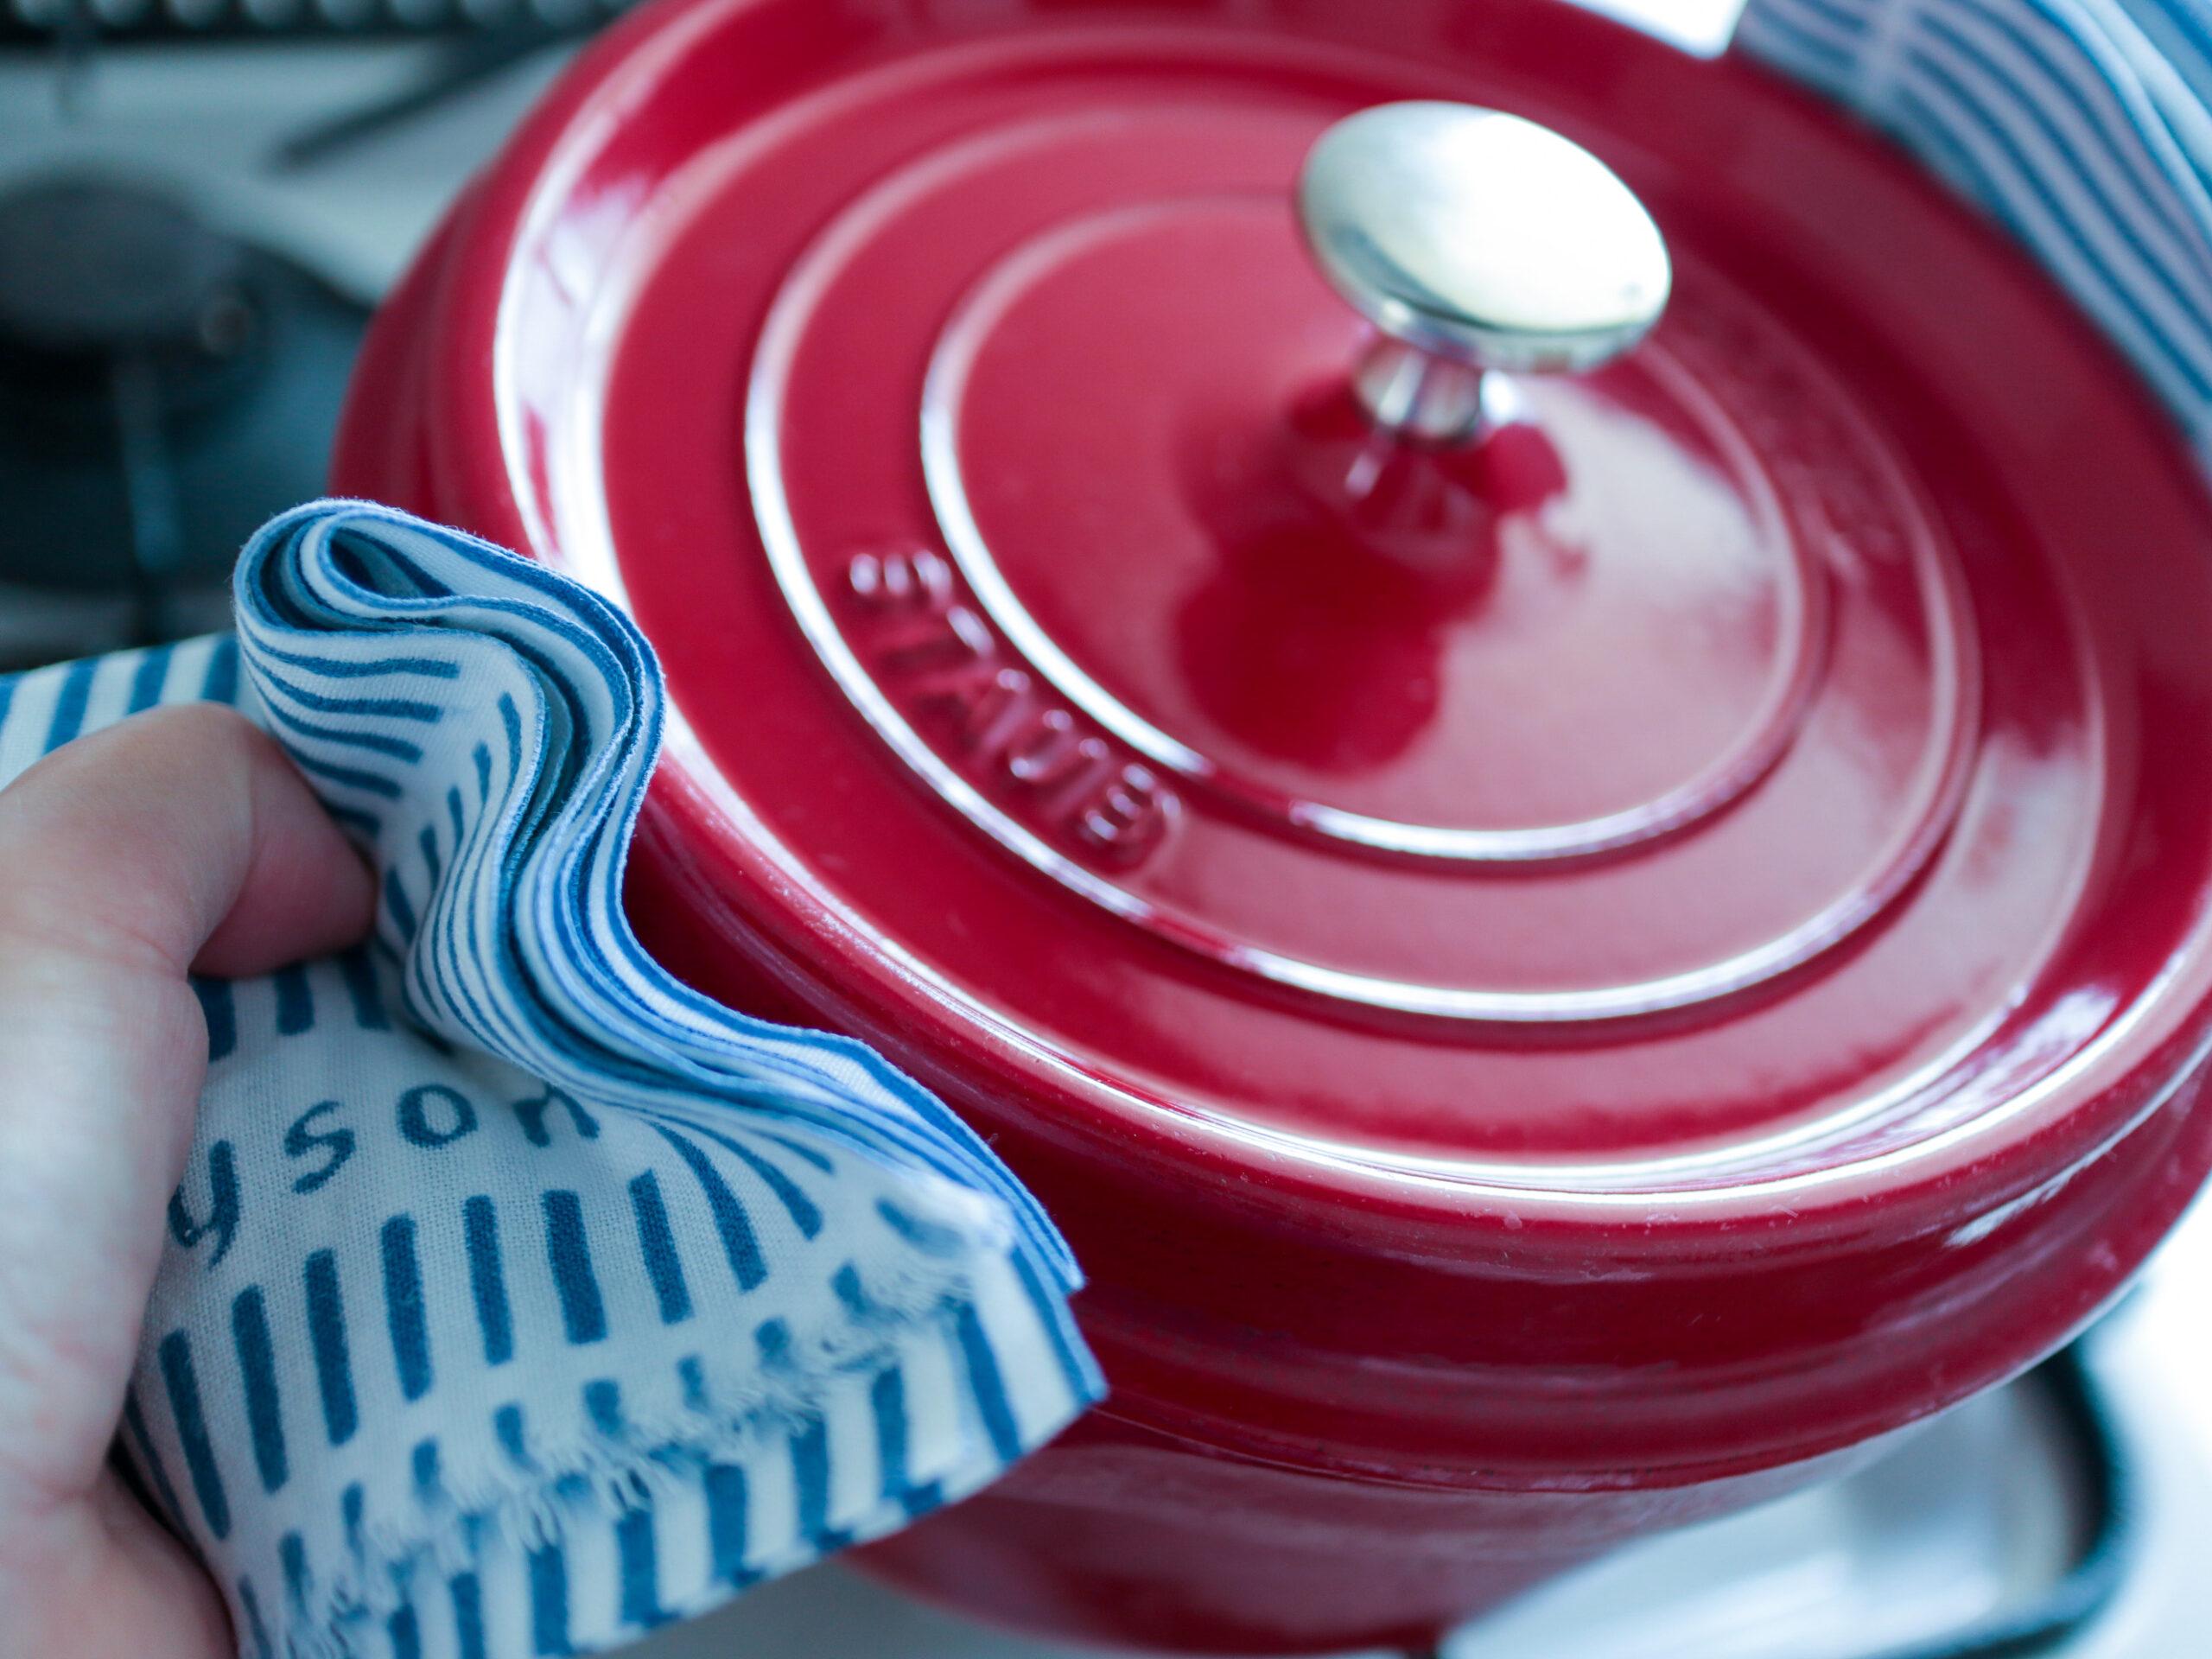 【キッチンのシンプル化】なにかと不潔になりやすい鍋つかみ、「手ぬぐい」で代用することにしました。